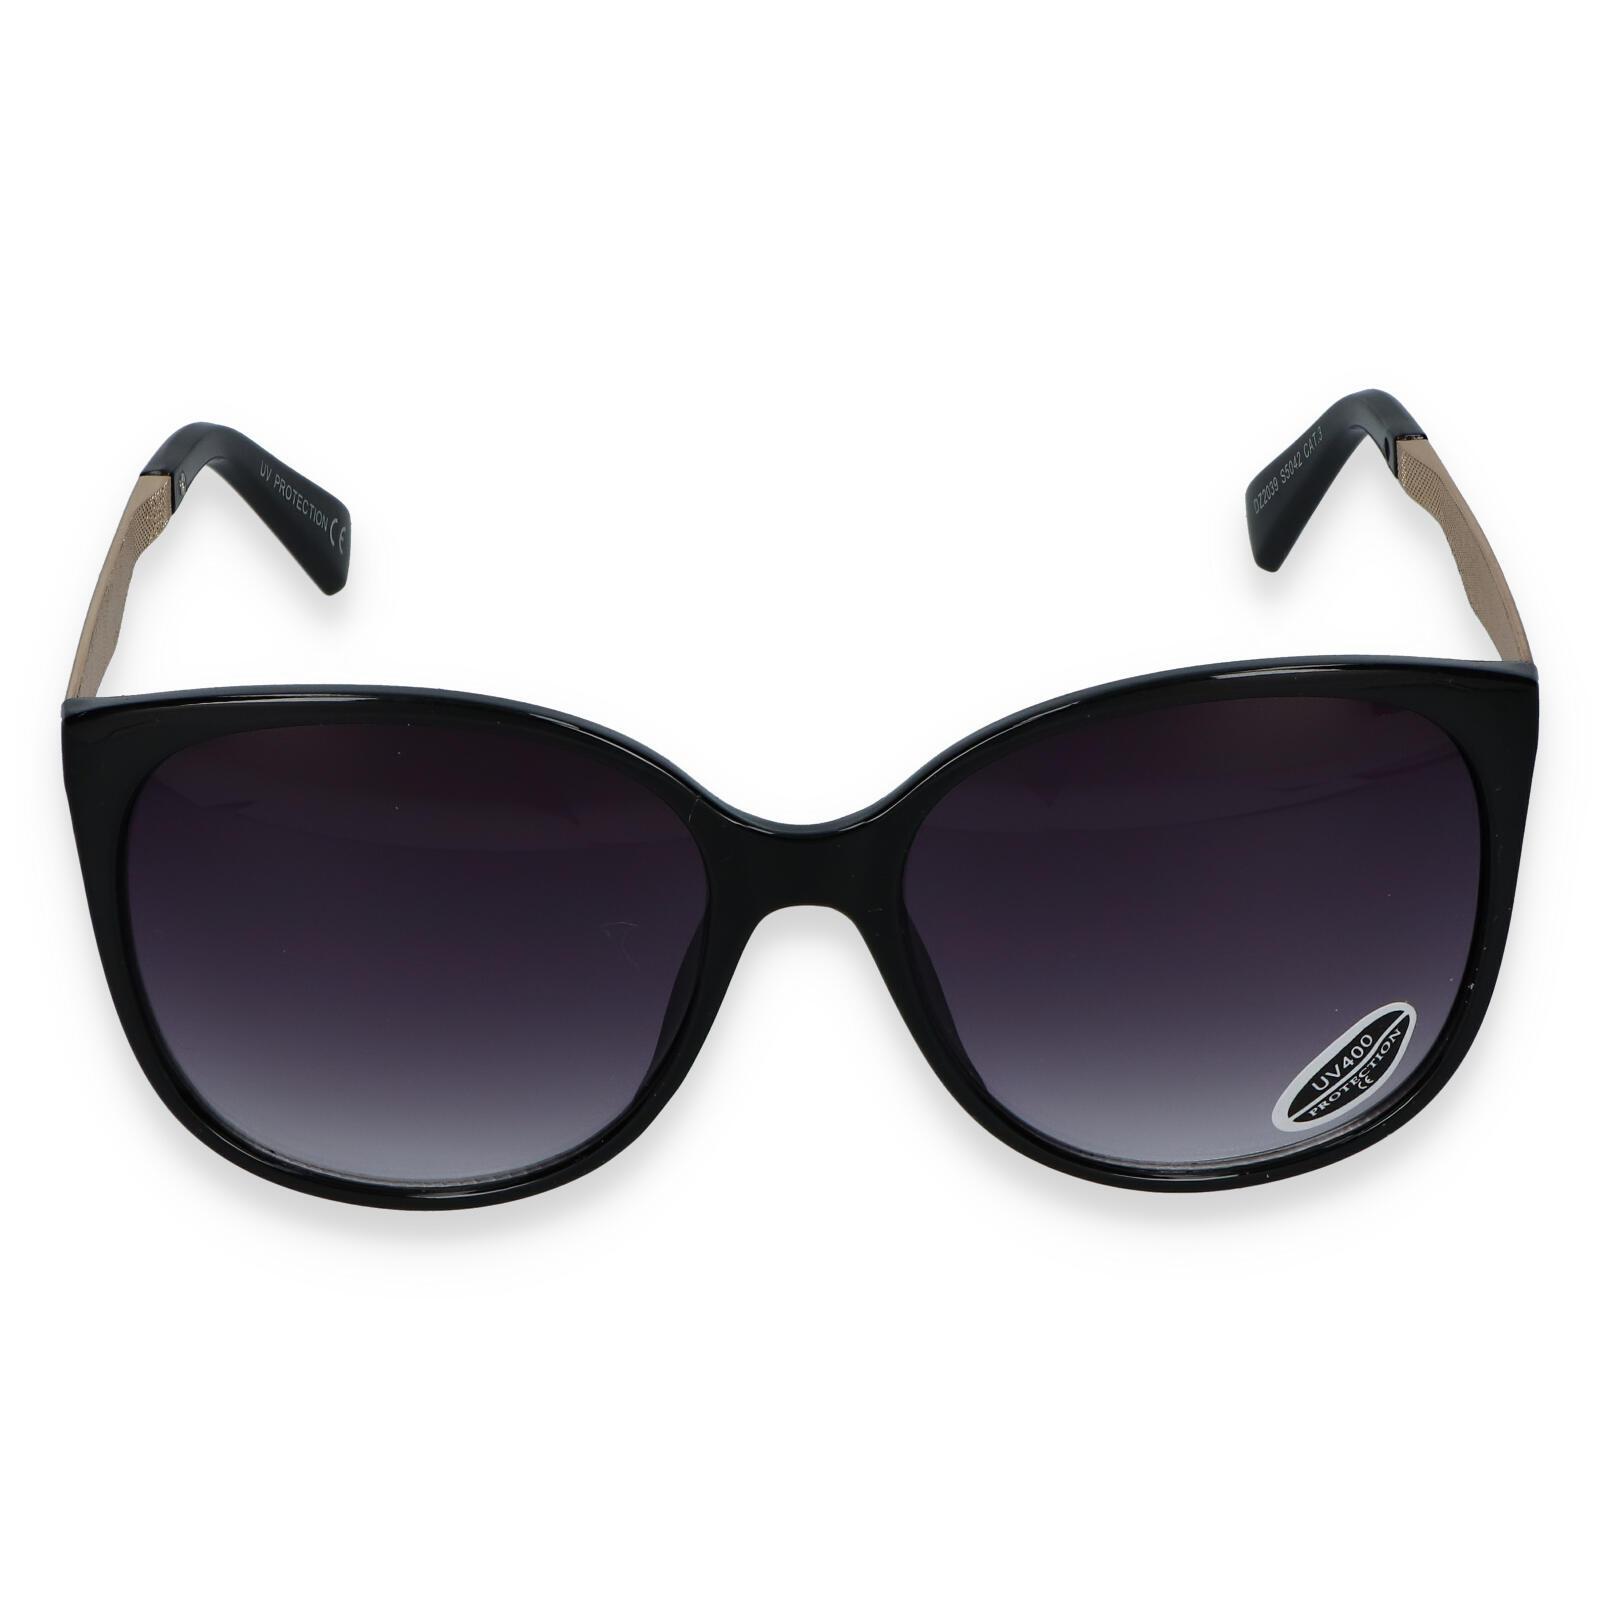 Dámské sluneční brýle černé - S2405